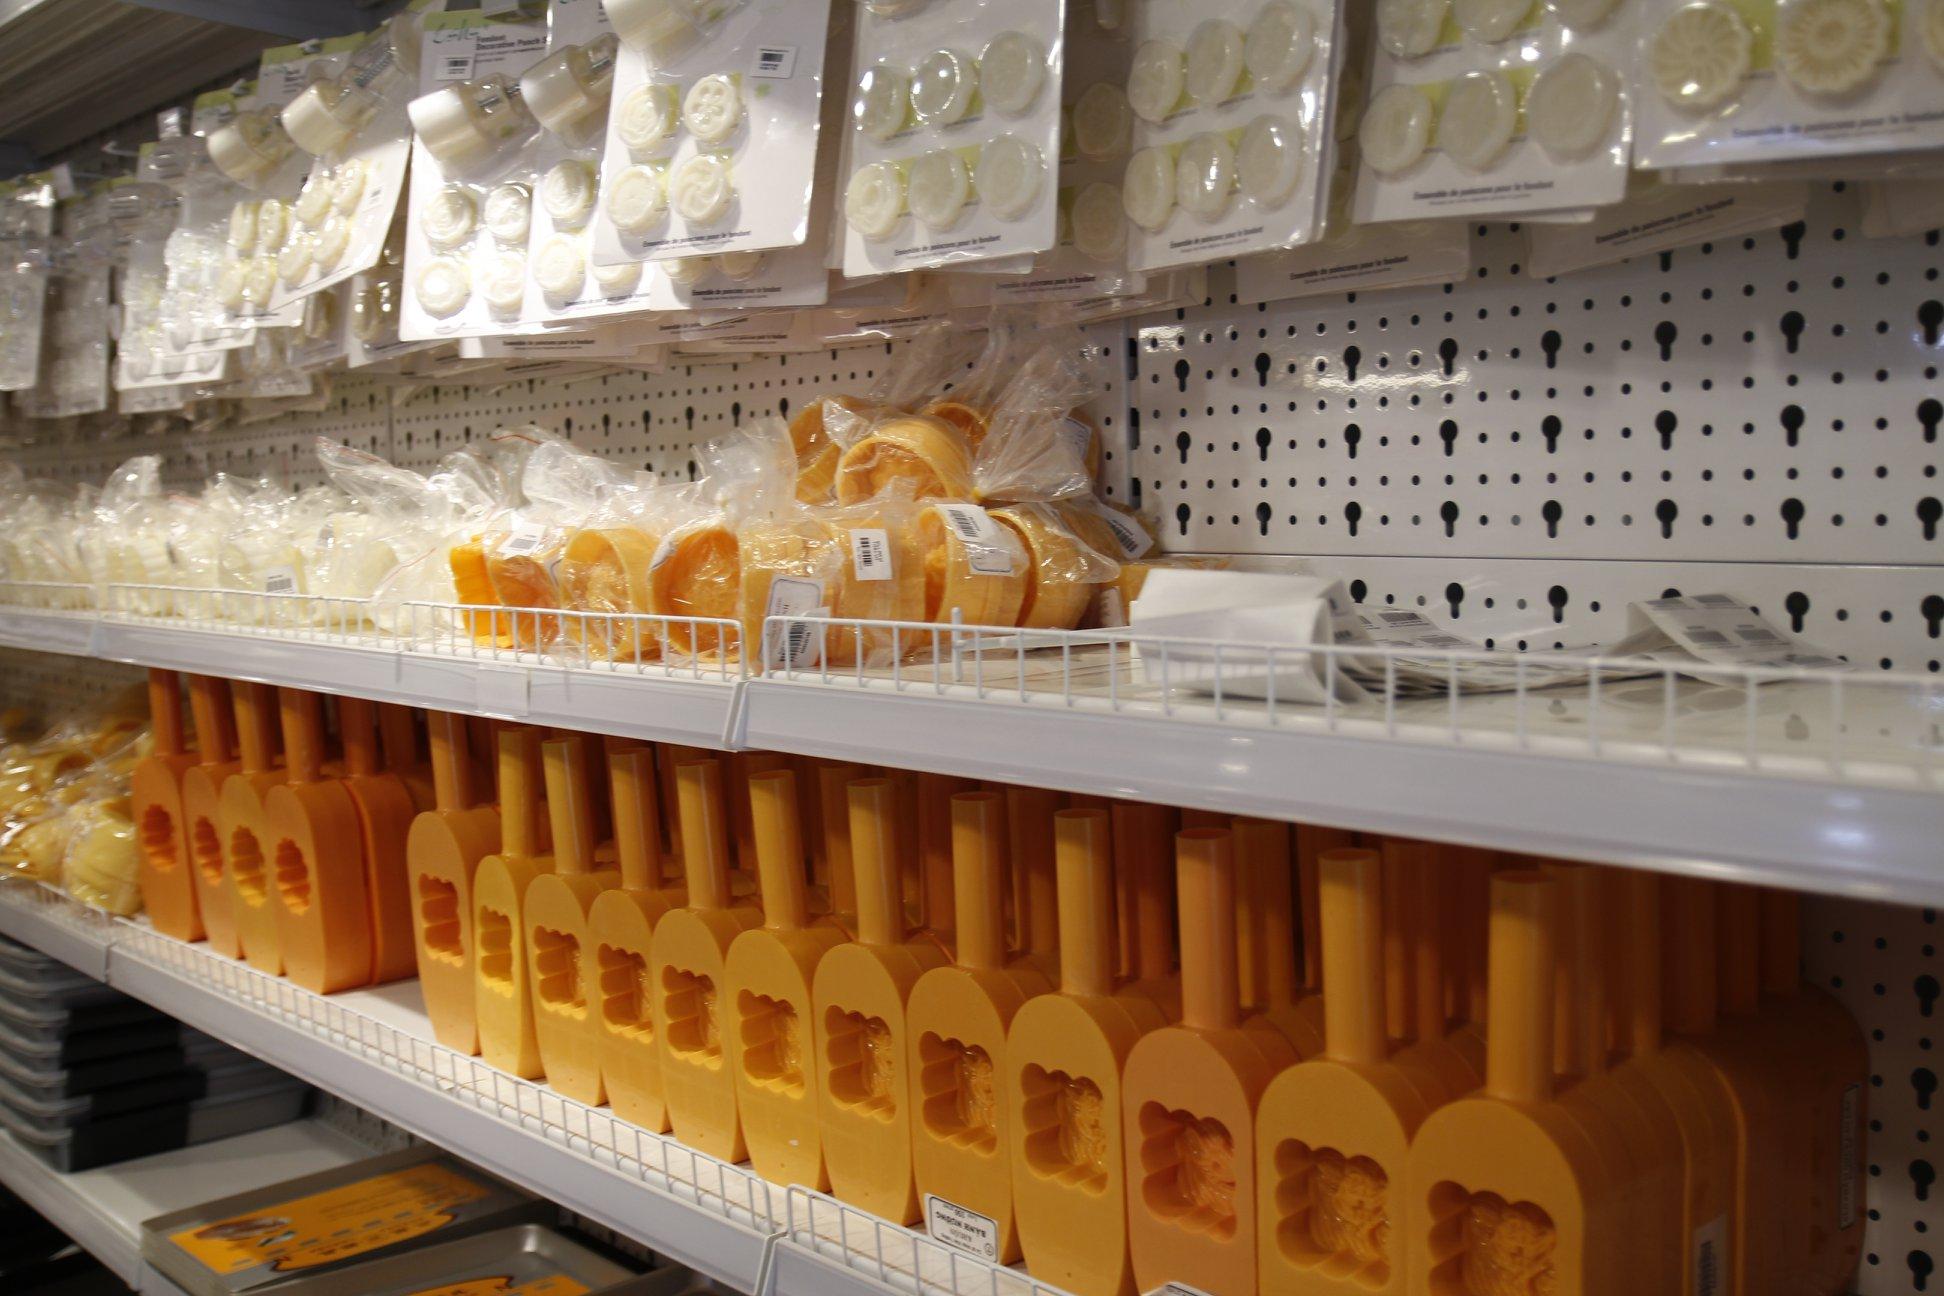 dụng cụ làm bánh trung thu 7 dụng cụ làm bánh trung thu Dụng cụ làm bánh Trung thu – mua ở đâu chất lượng và giá tốt? dia chi cung cap dung cu lam banh tt 311